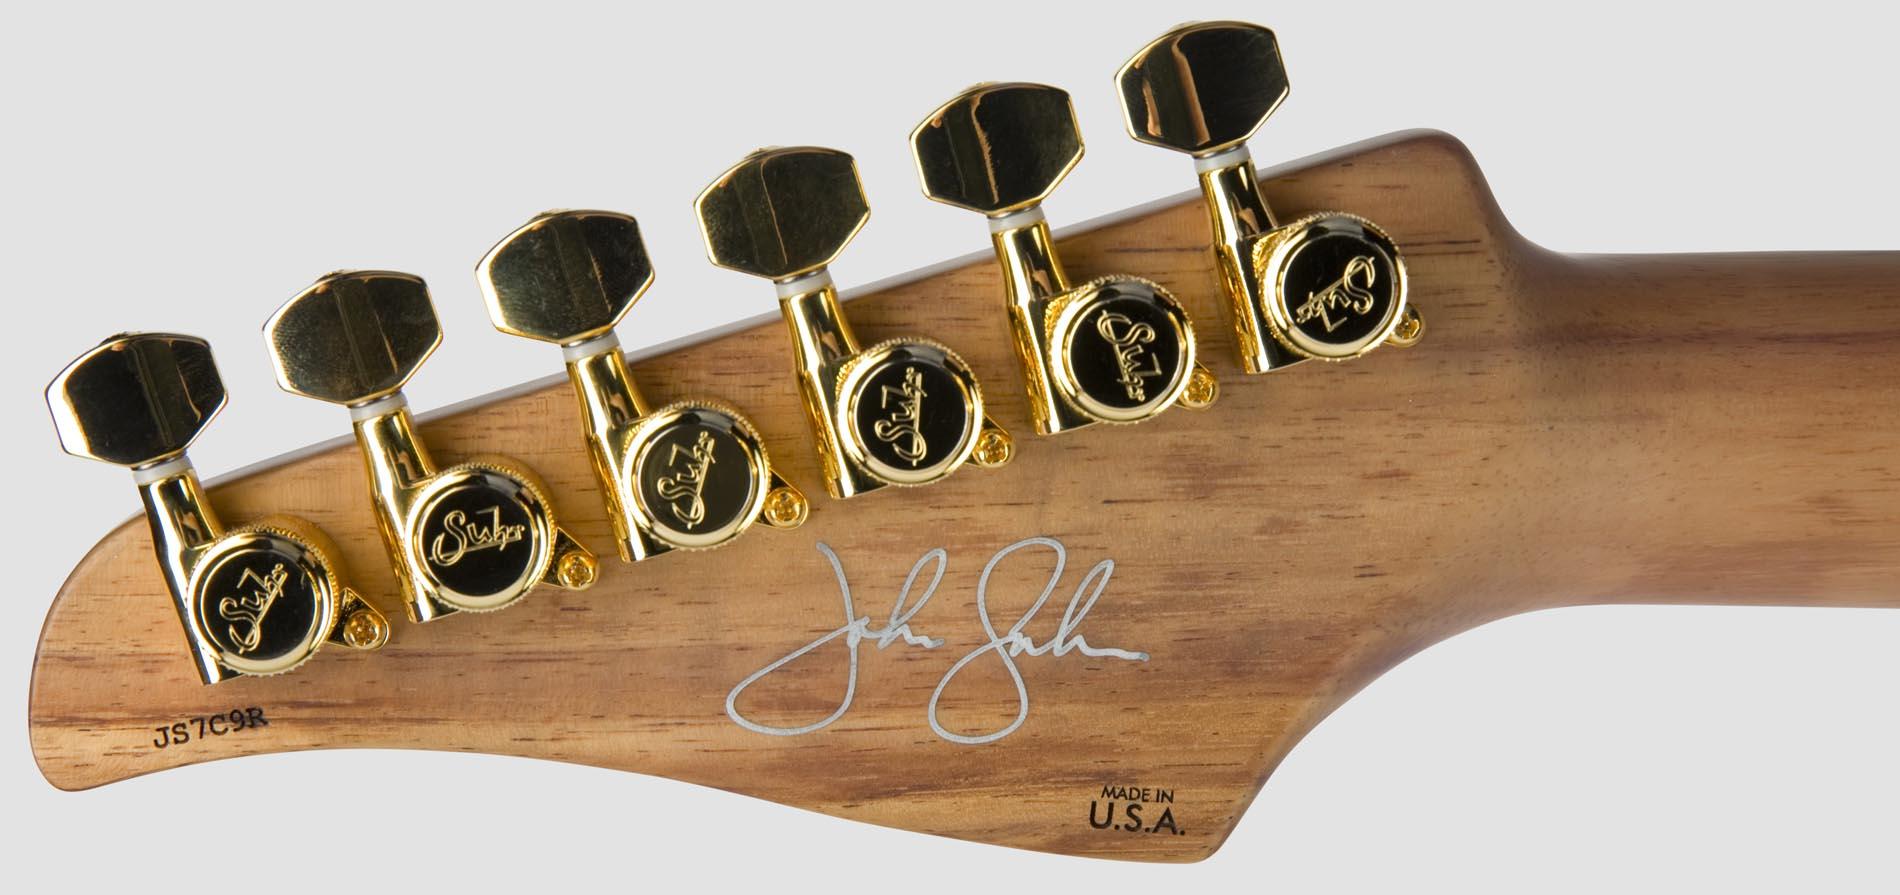 JS7C9R 008